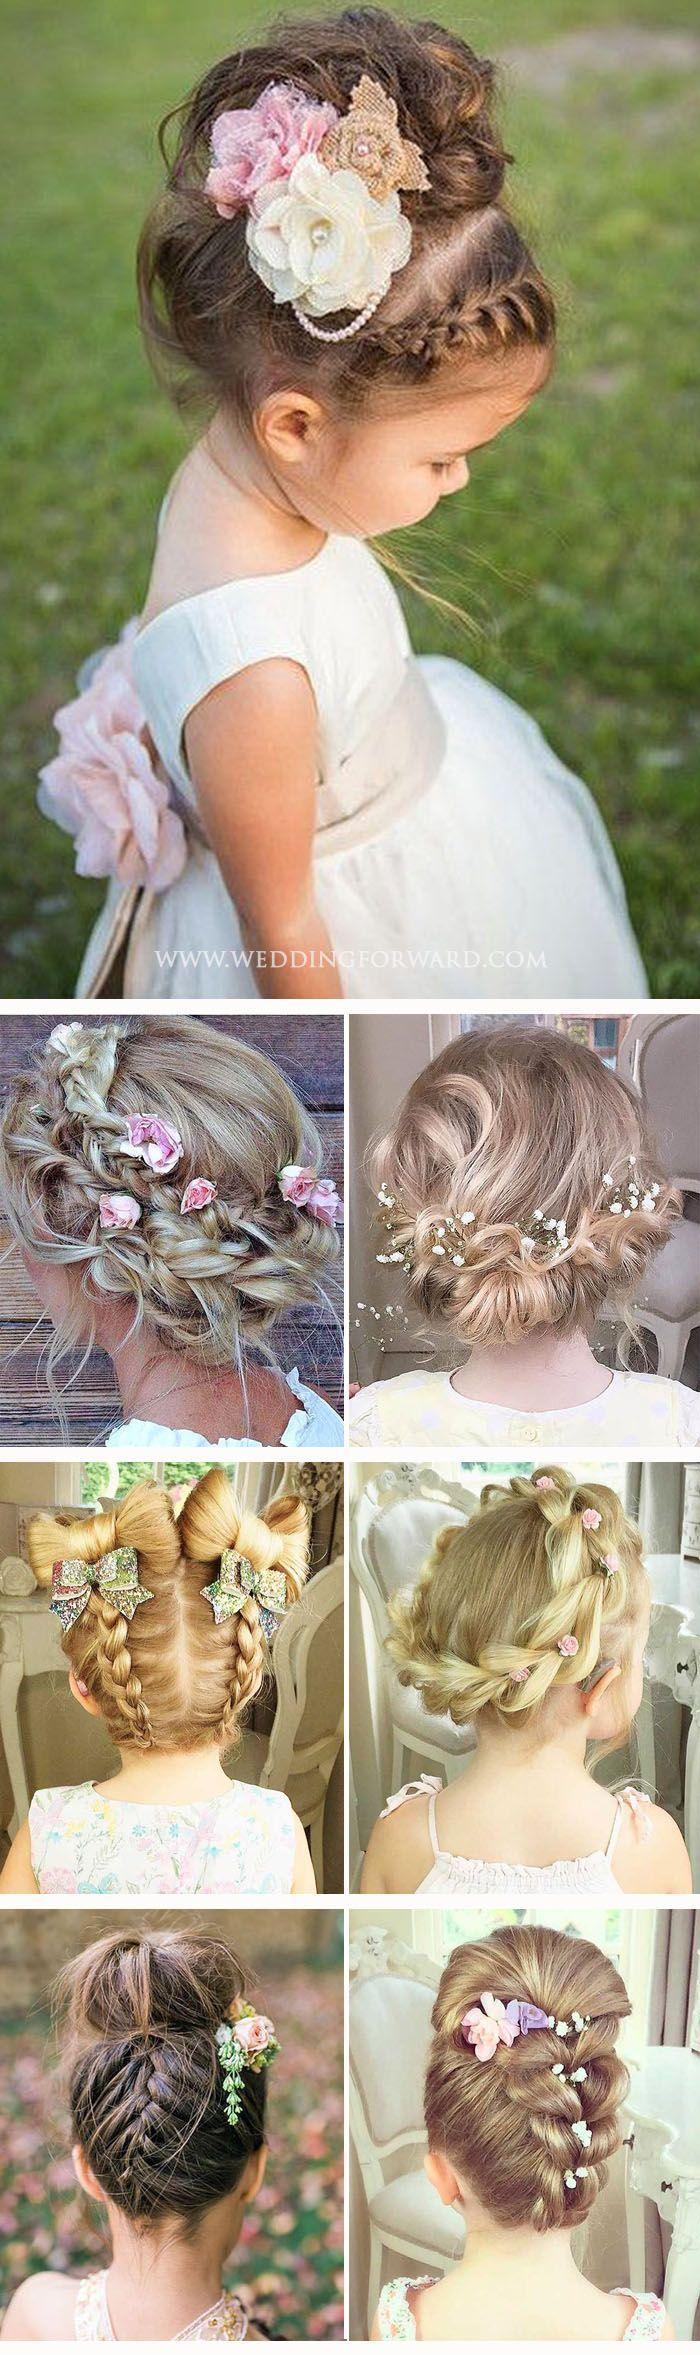 30 Coiffures de demoiselles de fleurs mignonnes ❤ Vous trouverez ici quelques coiffures de demoiselles de fleurs simples et plus complexes, réalisées par des professionnels. Voir plus: www